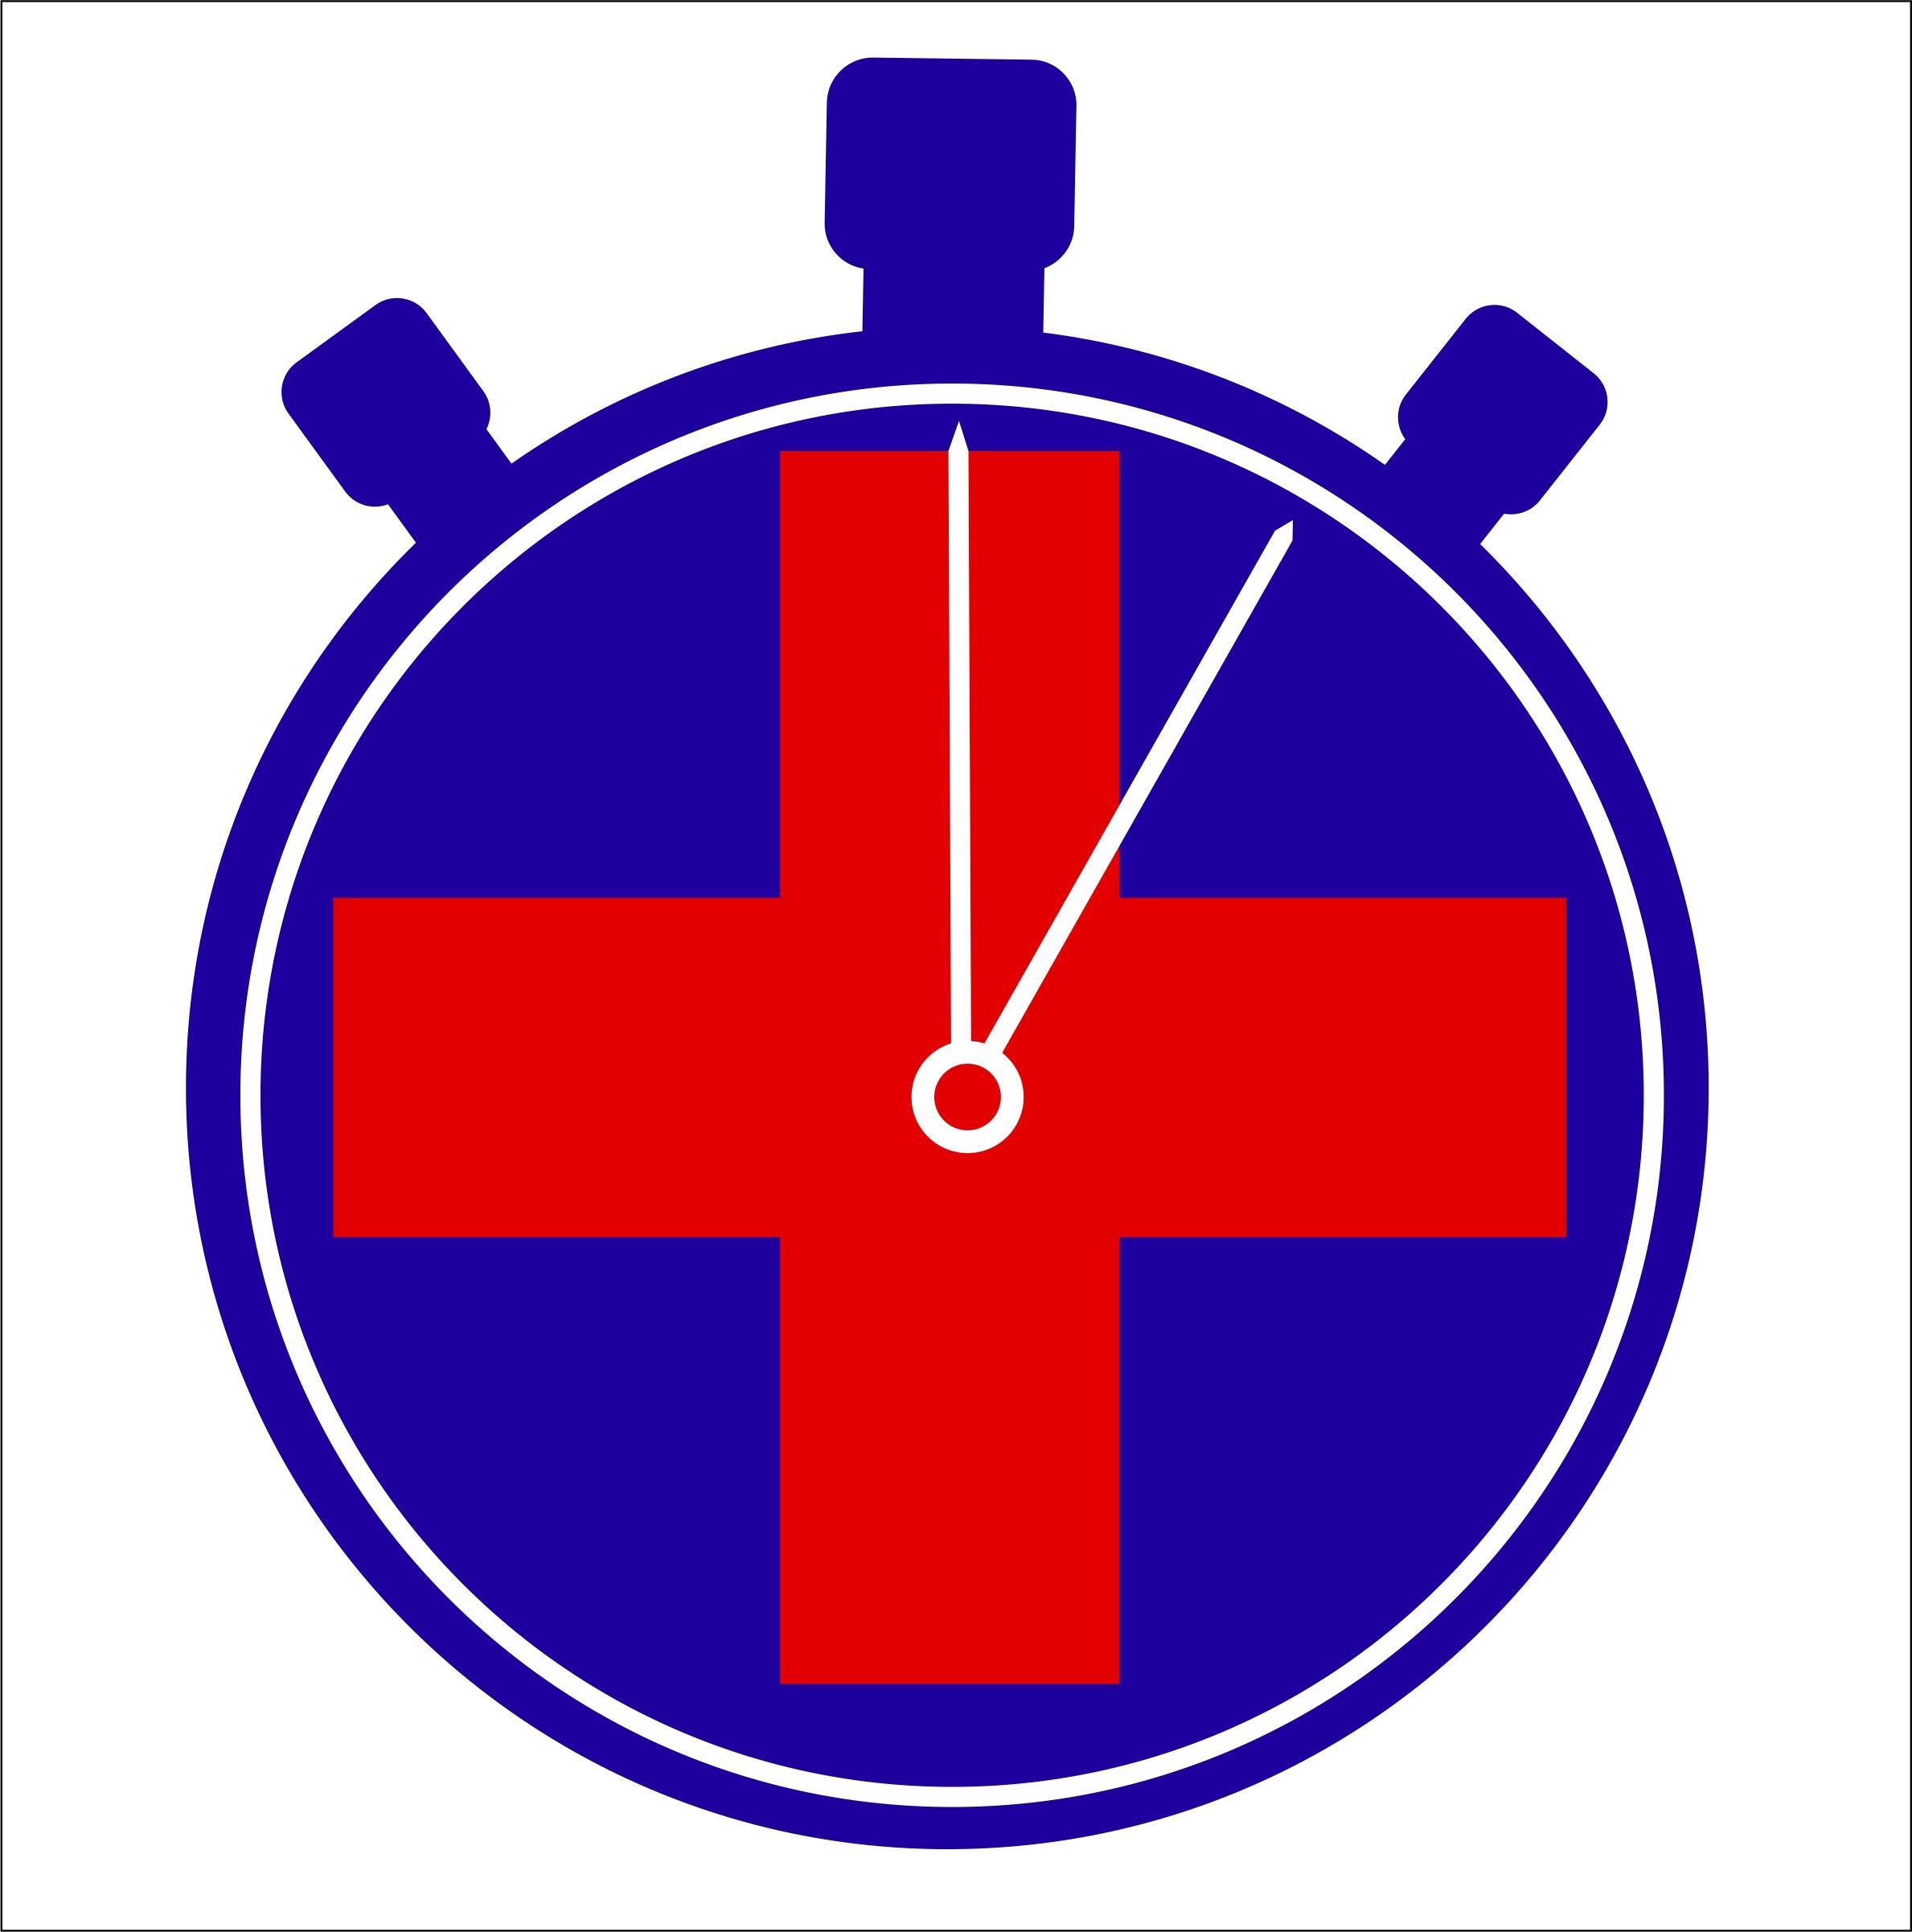 Готовый логотип или эскиз (мед. тематика) фото f_09855b3cdf2e4f9c.jpg